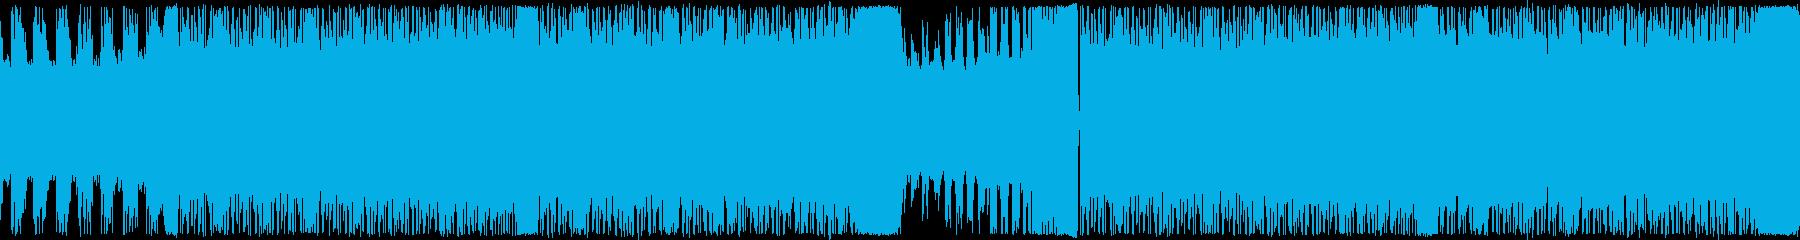 疾走感のある激しいギターロックのループ曲の再生済みの波形